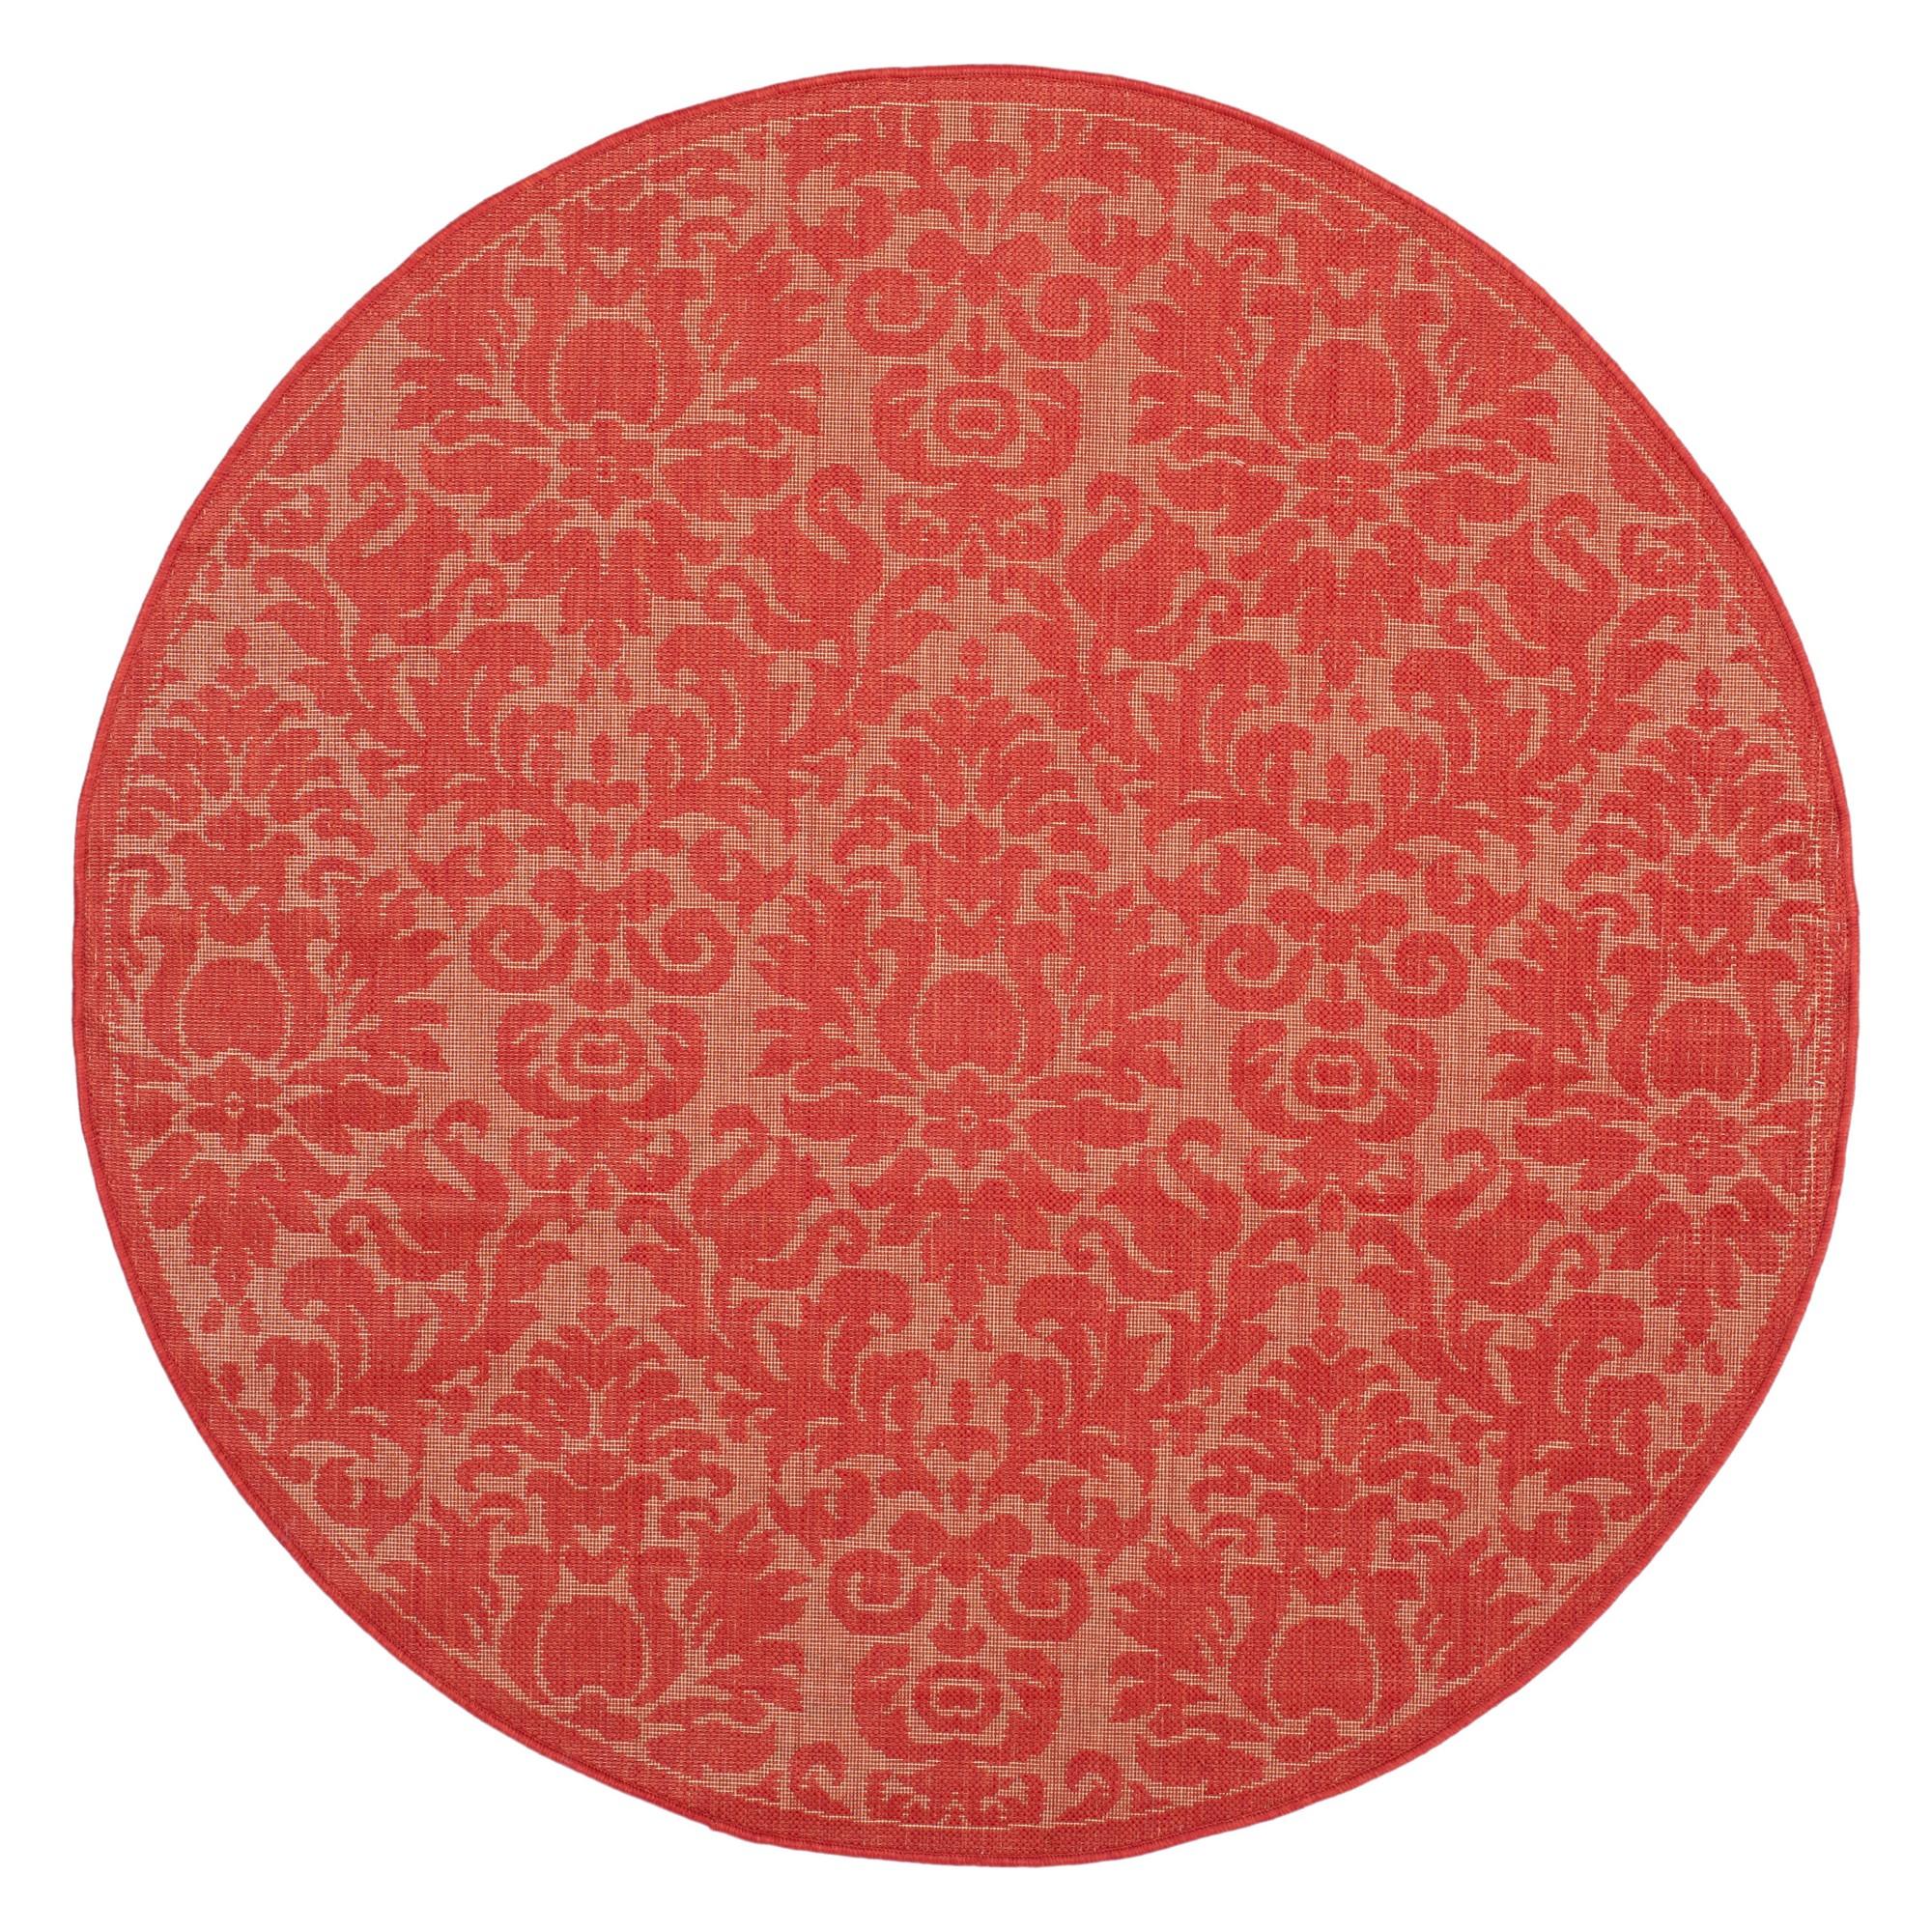 '6'7'' Round Dorchester Damask Outdoor Rug Red - Safavieh'